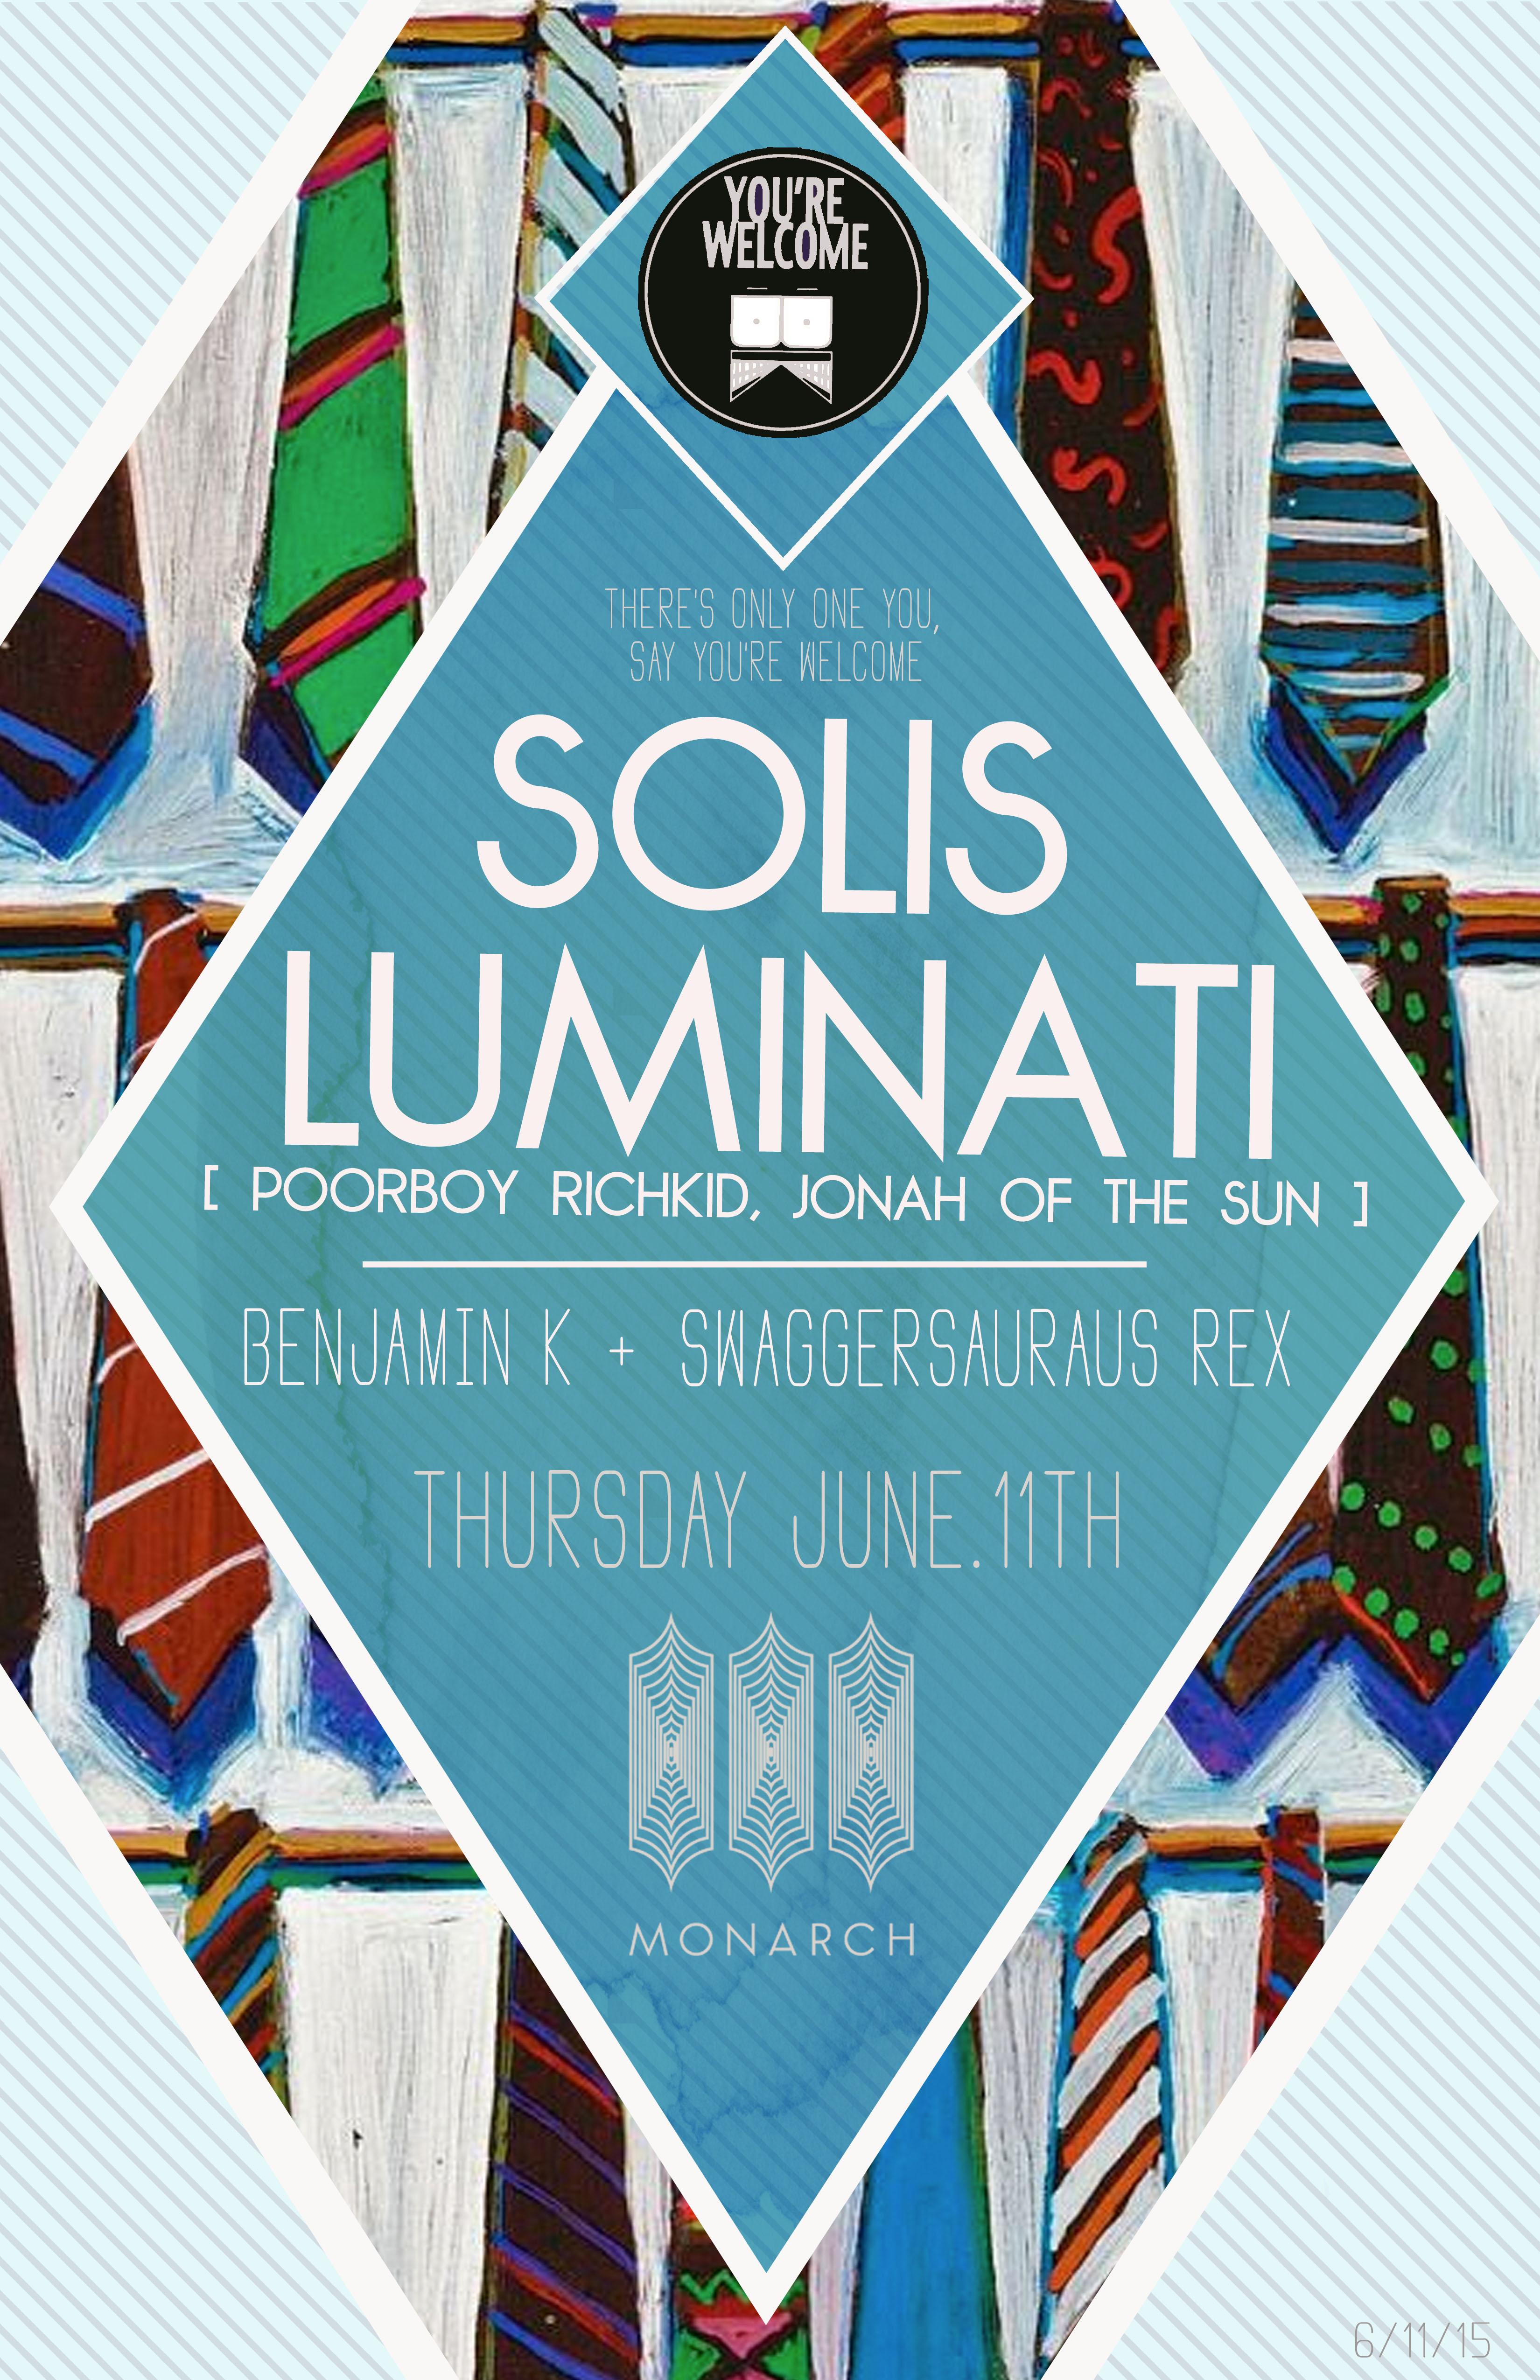 YW-Solis Luminati-6-11-15